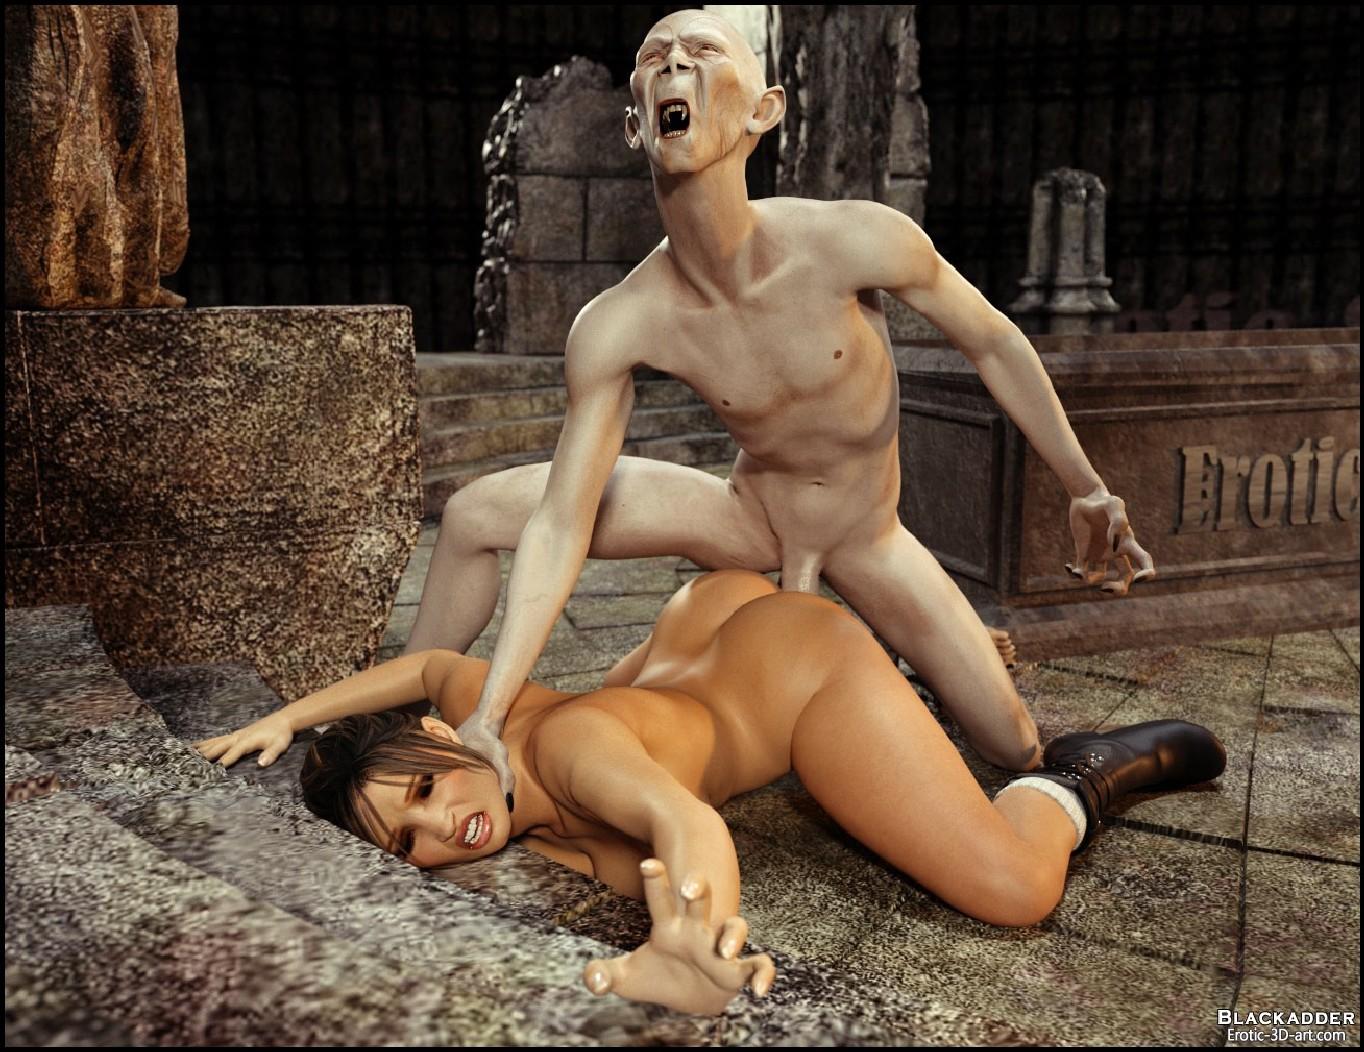 Порно с монстрами играть онлайн фото 277-138